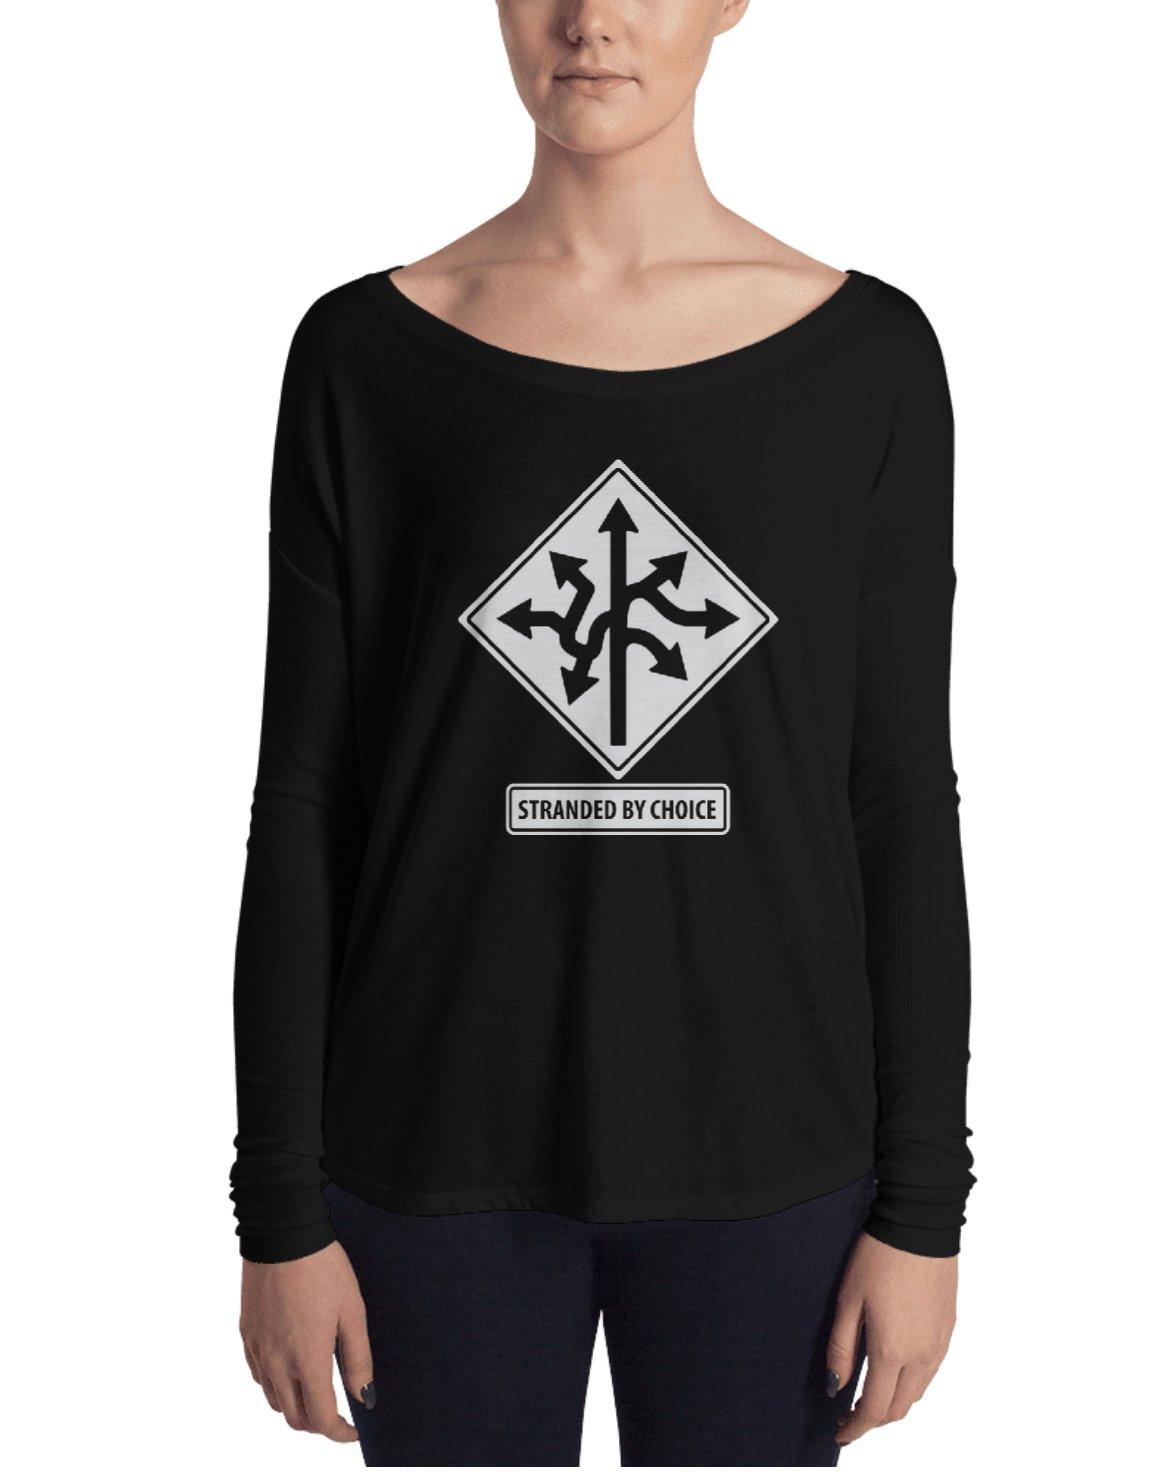 Road Sign Design Long Sleeve Women's Shirt